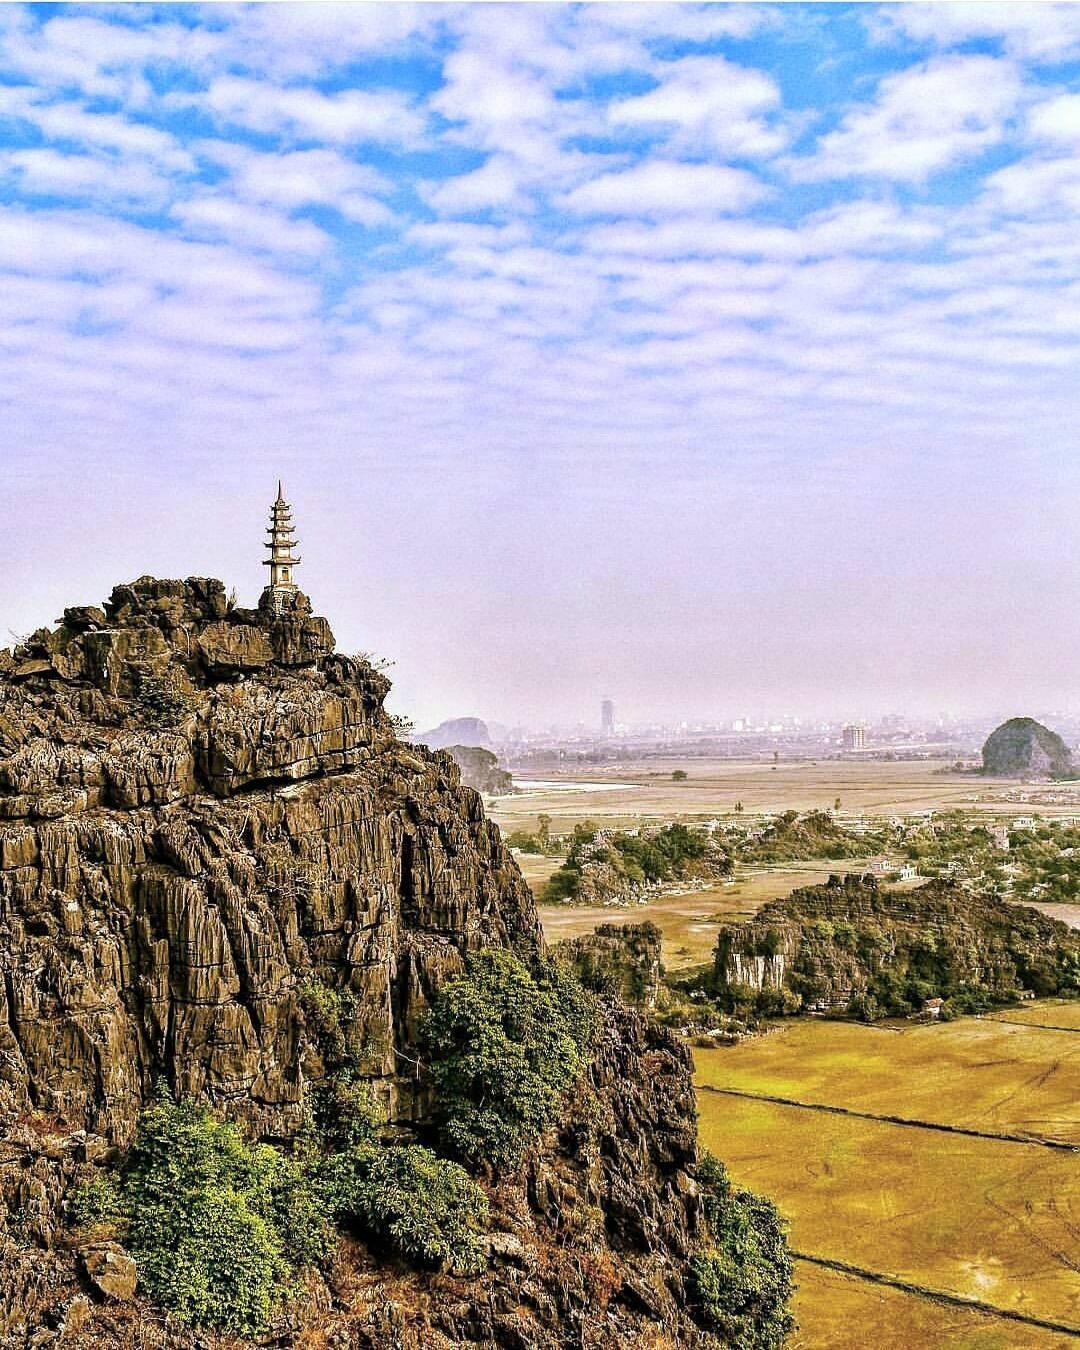 Mùa vàng Tam Cốc đẹp ngỡ ngàng từ đỉnh Vạn lý trường thành Việt Nam - Hình 5